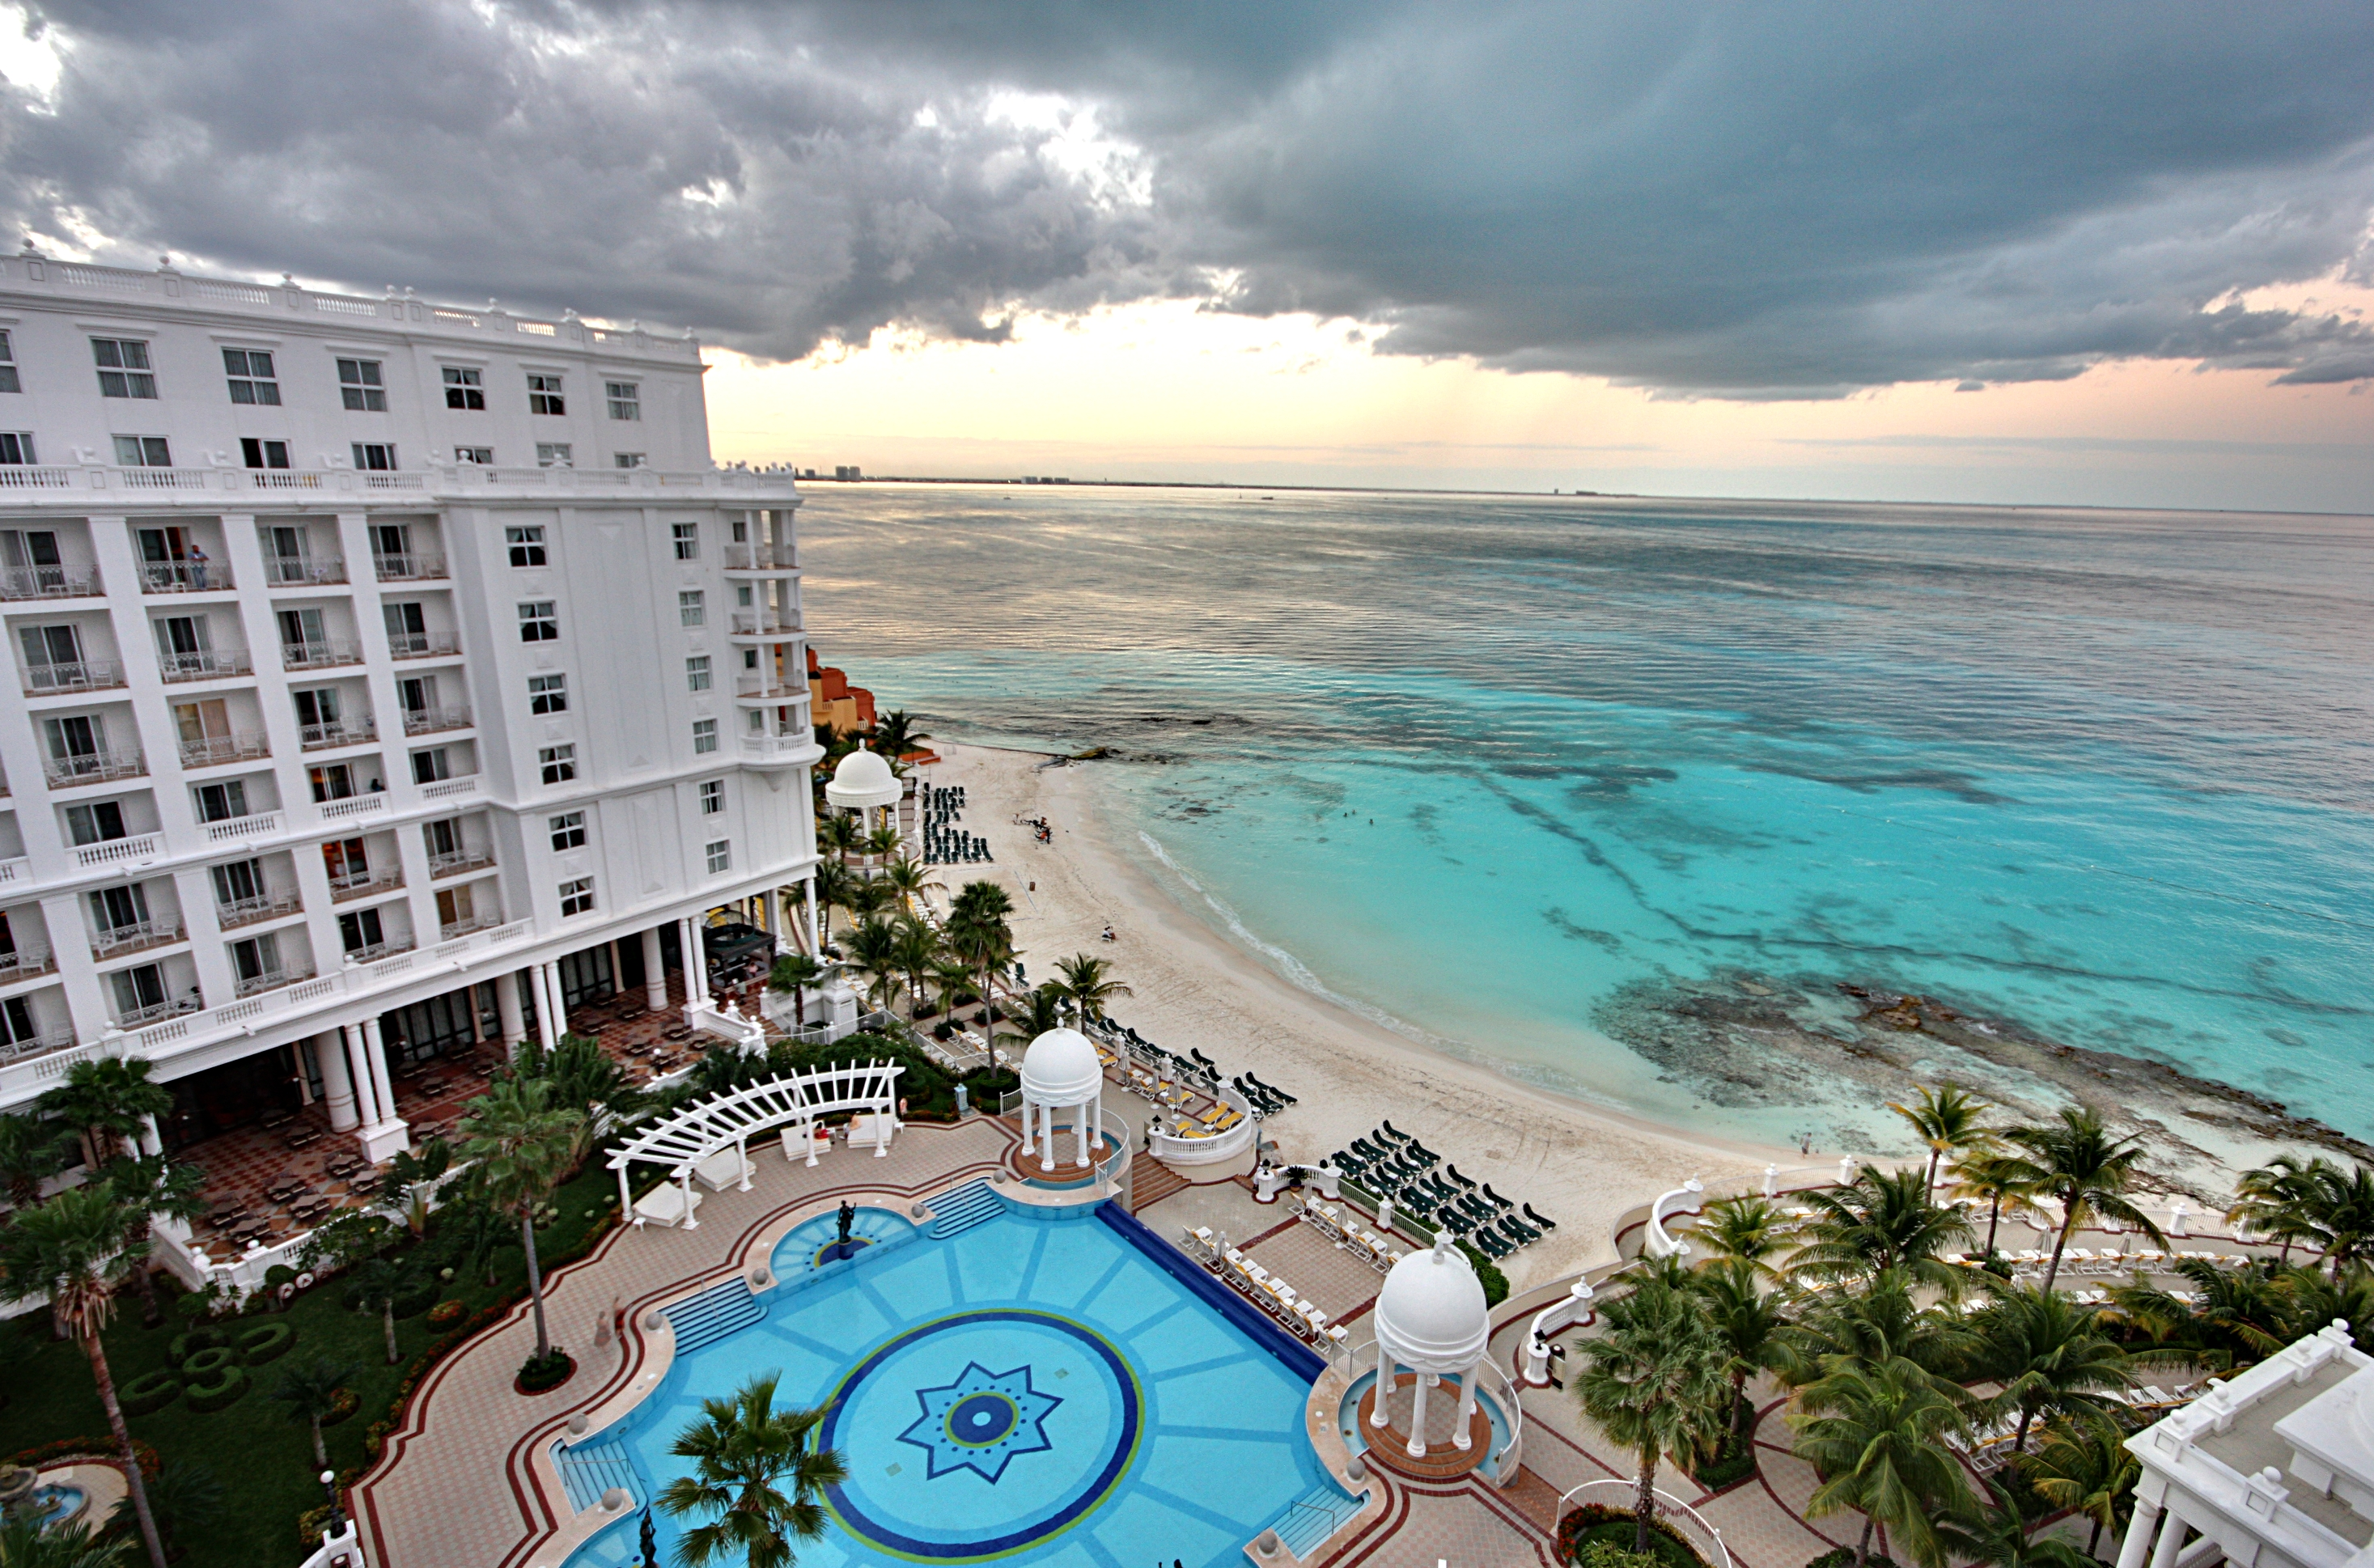 Nuevo hotel en Cancún alista su construcción